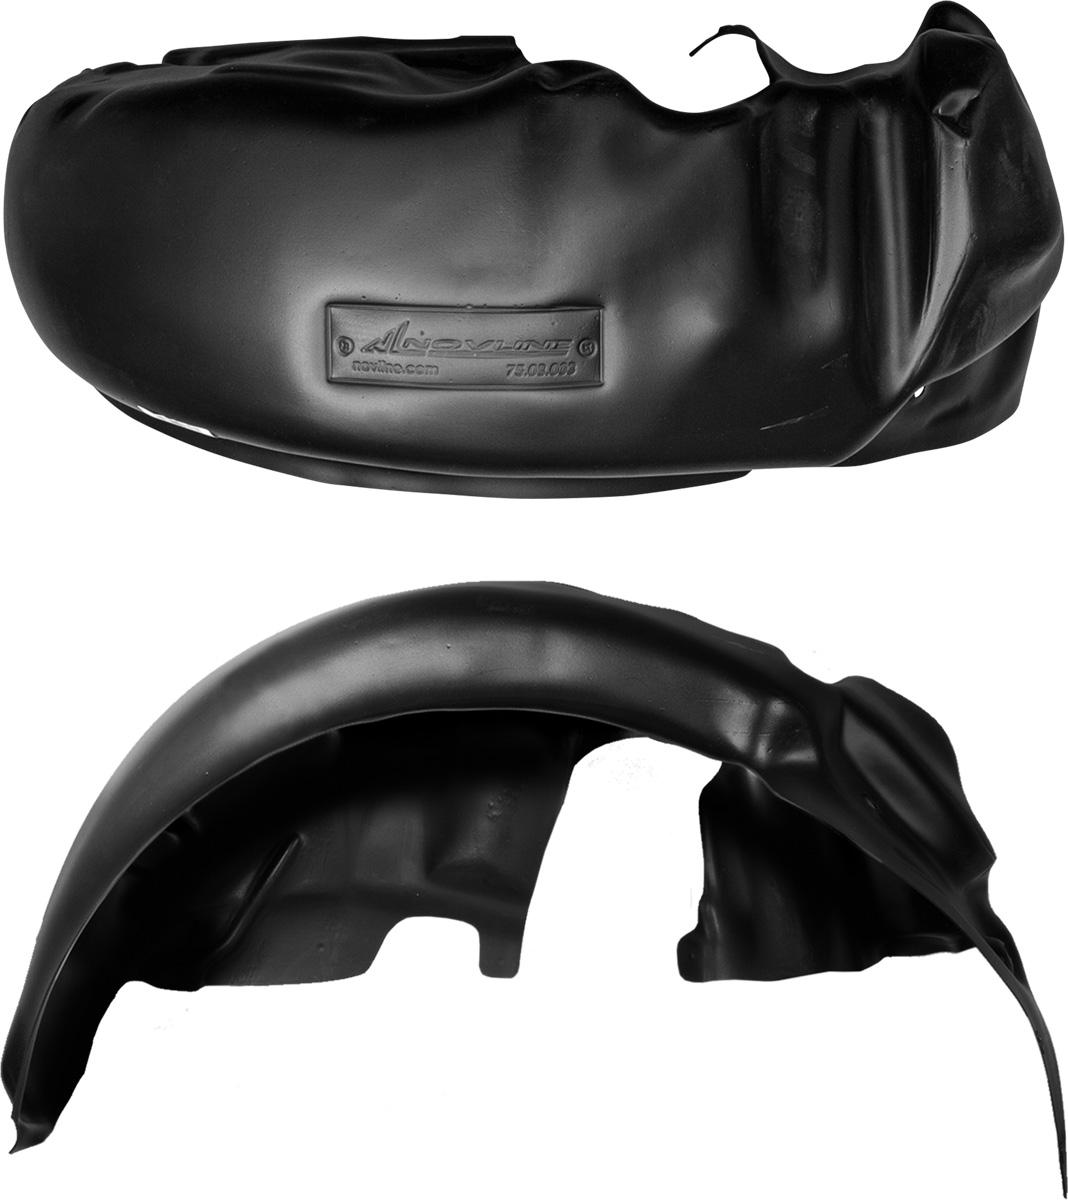 Подкрылок Novline-Autofamily, для Nissan Tiida 2010-2015, задний правыйNLL.36.39.004Колесные ниши - одни из самых уязвимых зон днища вашего автомобиля. Они постоянно подвергаются воздействию со стороны дороги. Лучшая, почти абсолютная защита для них - специально отформованные пластиковые кожухи, которые называются подкрылками. Производятся они как для отечественных моделей автомобилей, так и для иномарок. Подкрылки Novline-Autofamily выполнены из высококачественного, экологически чистого пластика. Обеспечивают надежную защиту кузова автомобиля от пескоструйного эффекта и негативного влияния, агрессивных антигололедных реагентов. Пластик обладает более низкой теплопроводностью, чем металл, поэтому в зимний период эксплуатации использование пластиковых подкрылков позволяет лучше защитить колесные ниши от налипания снега и образования наледи. Оригинальность конструкции подчеркивает элегантность автомобиля, бережно защищает нанесенное на днище кузова антикоррозийное покрытие и позволяет осуществить крепление подкрылков внутри колесной арки практически без дополнительного крепежа и сверления, не нарушая при этом лакокрасочного покрытия, что предотвращает возникновение новых очагов коррозии. Подкрылки долговечны, обладают высокой прочностью и сохраняют заданную форму, а также все свои физико-механические характеристики в самых тяжелых климатических условиях (от -50°С до +50°С).Уважаемые клиенты!Обращаем ваше внимание, на тот факт, что подкрылок имеет форму, соответствующую модели данного автомобиля. Фото служит для визуального восприятия товара.